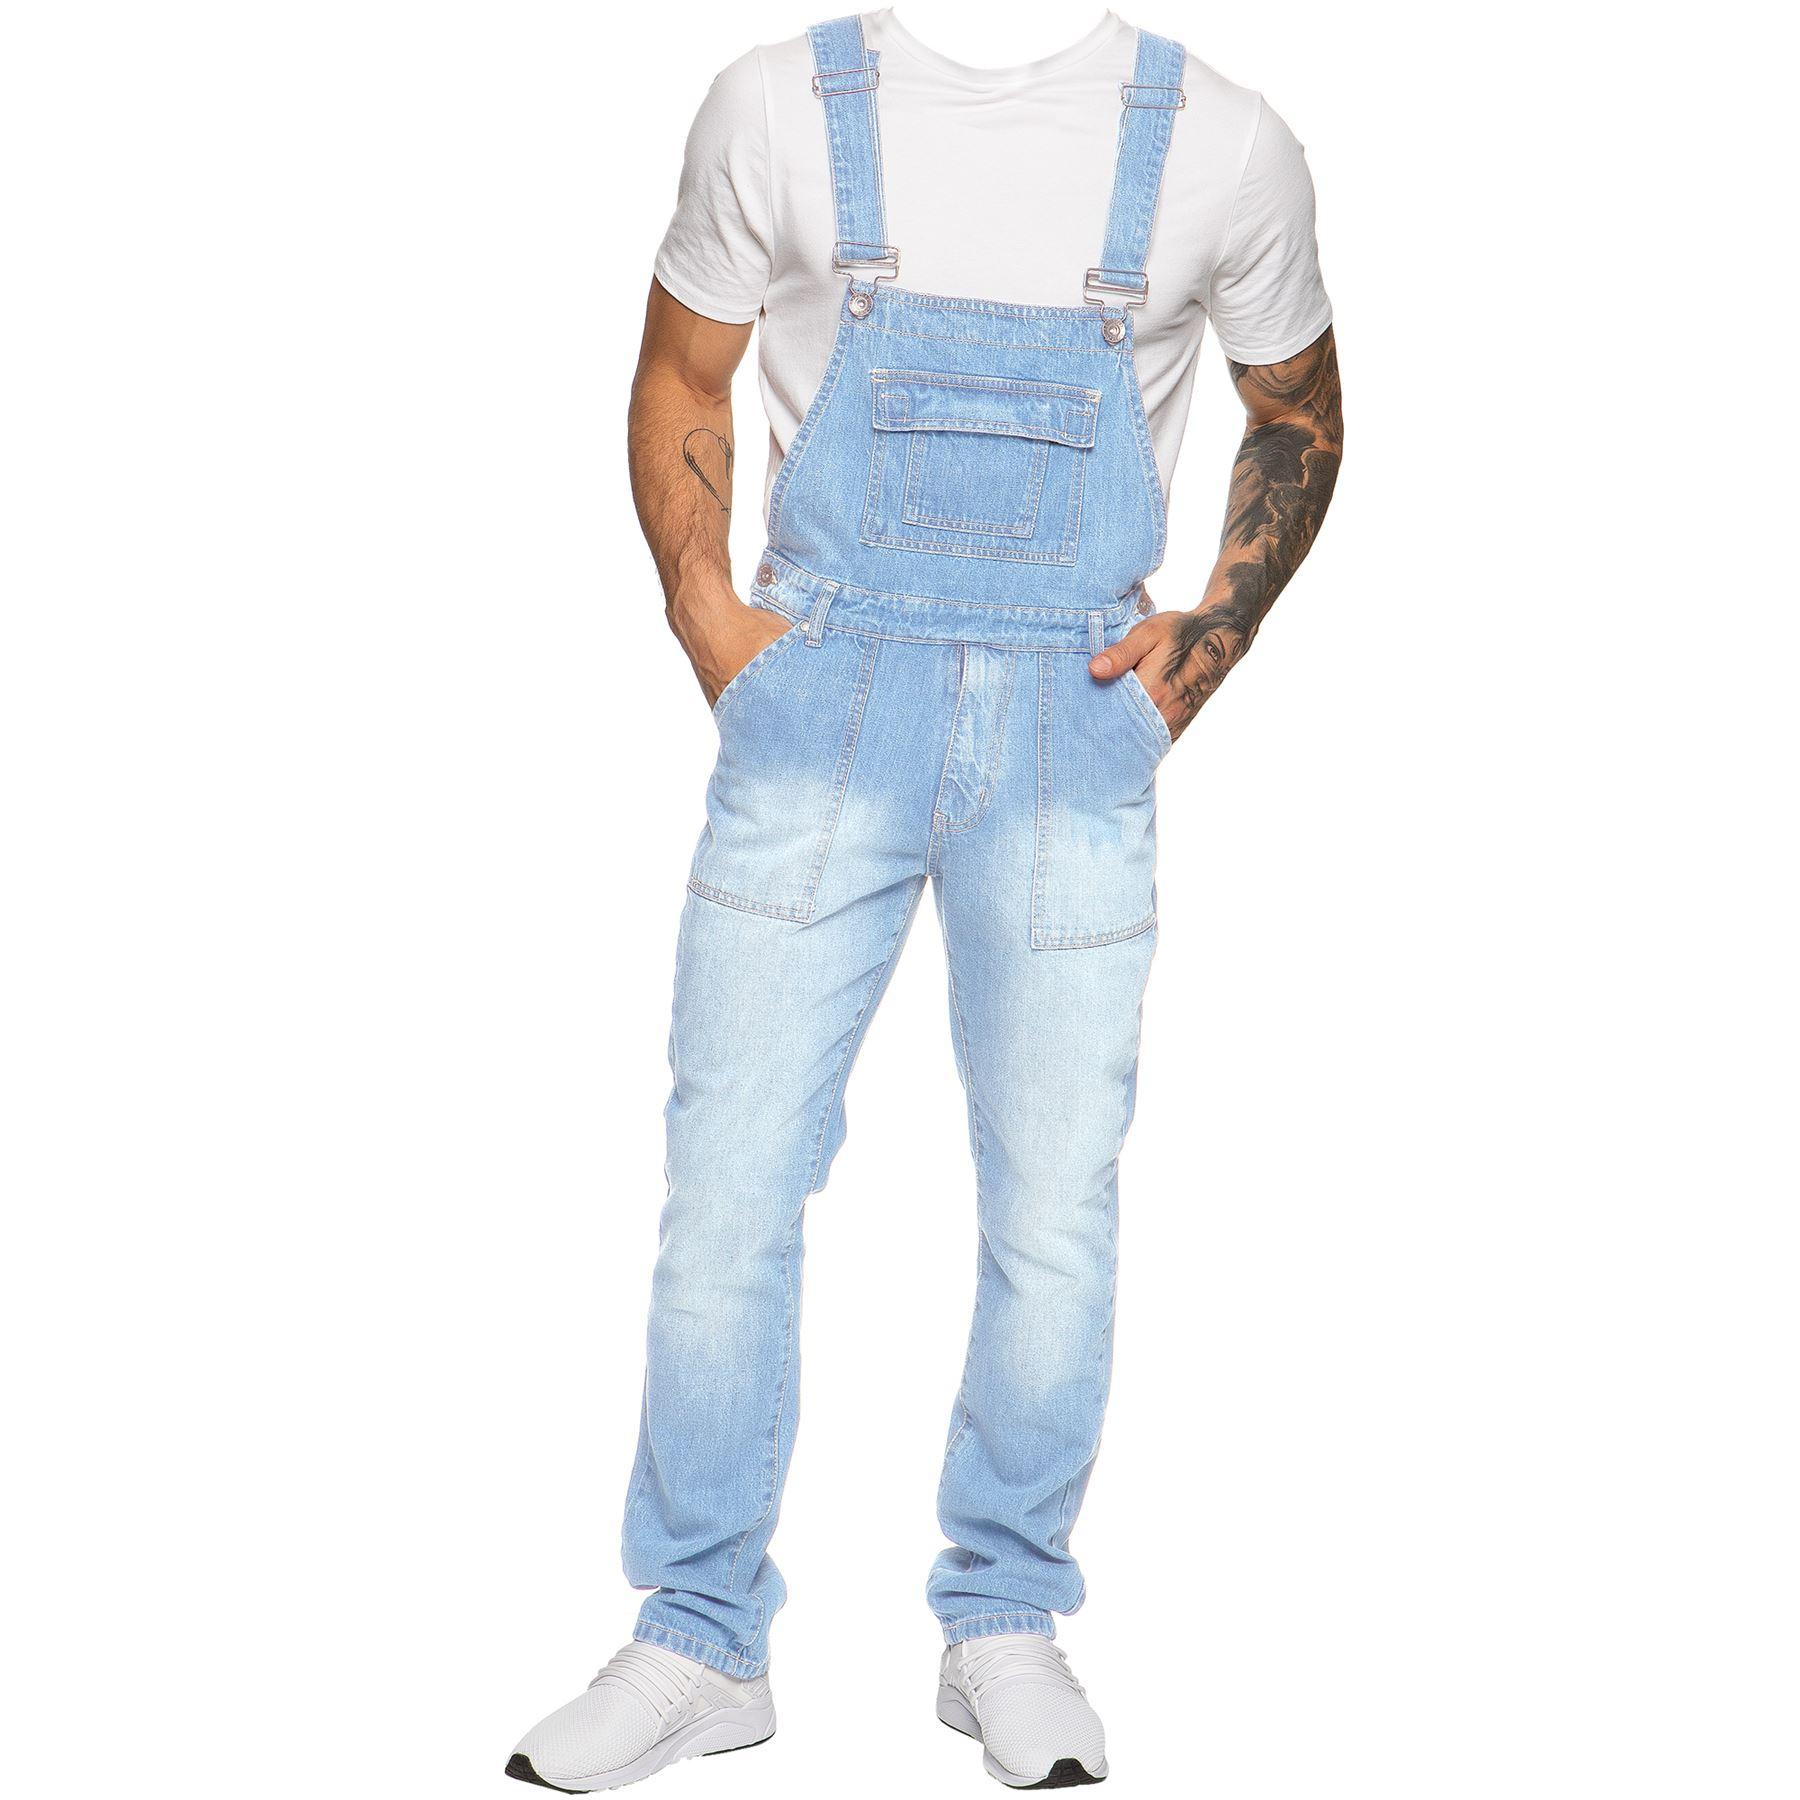 ENZO-Jeans-Hombre-Denim-Azul-Peto-Peto-overoles-Todas-Cinturas-Talla-30-034-50-034 miniatura 10